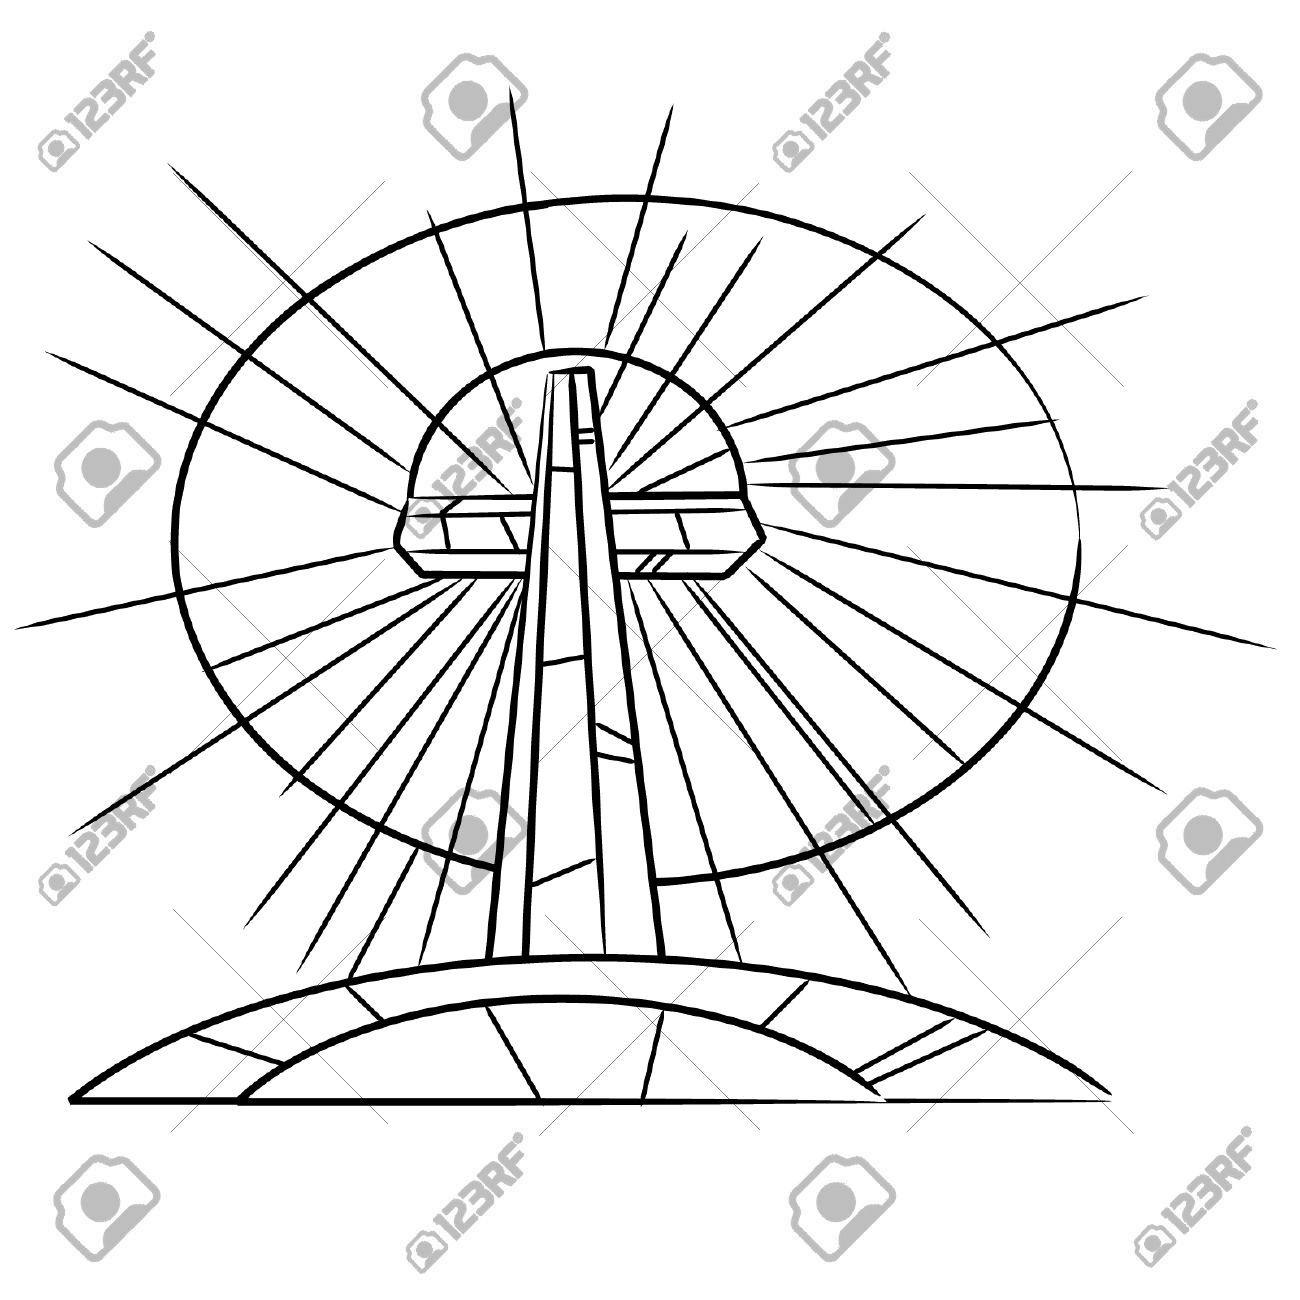 Libro Para Colorear Stained Glass Cross Pascua En Una Colina Ilustraciones Vectoriales, Clip Art Vectorizado Libre De Derechos. Image 57008176.